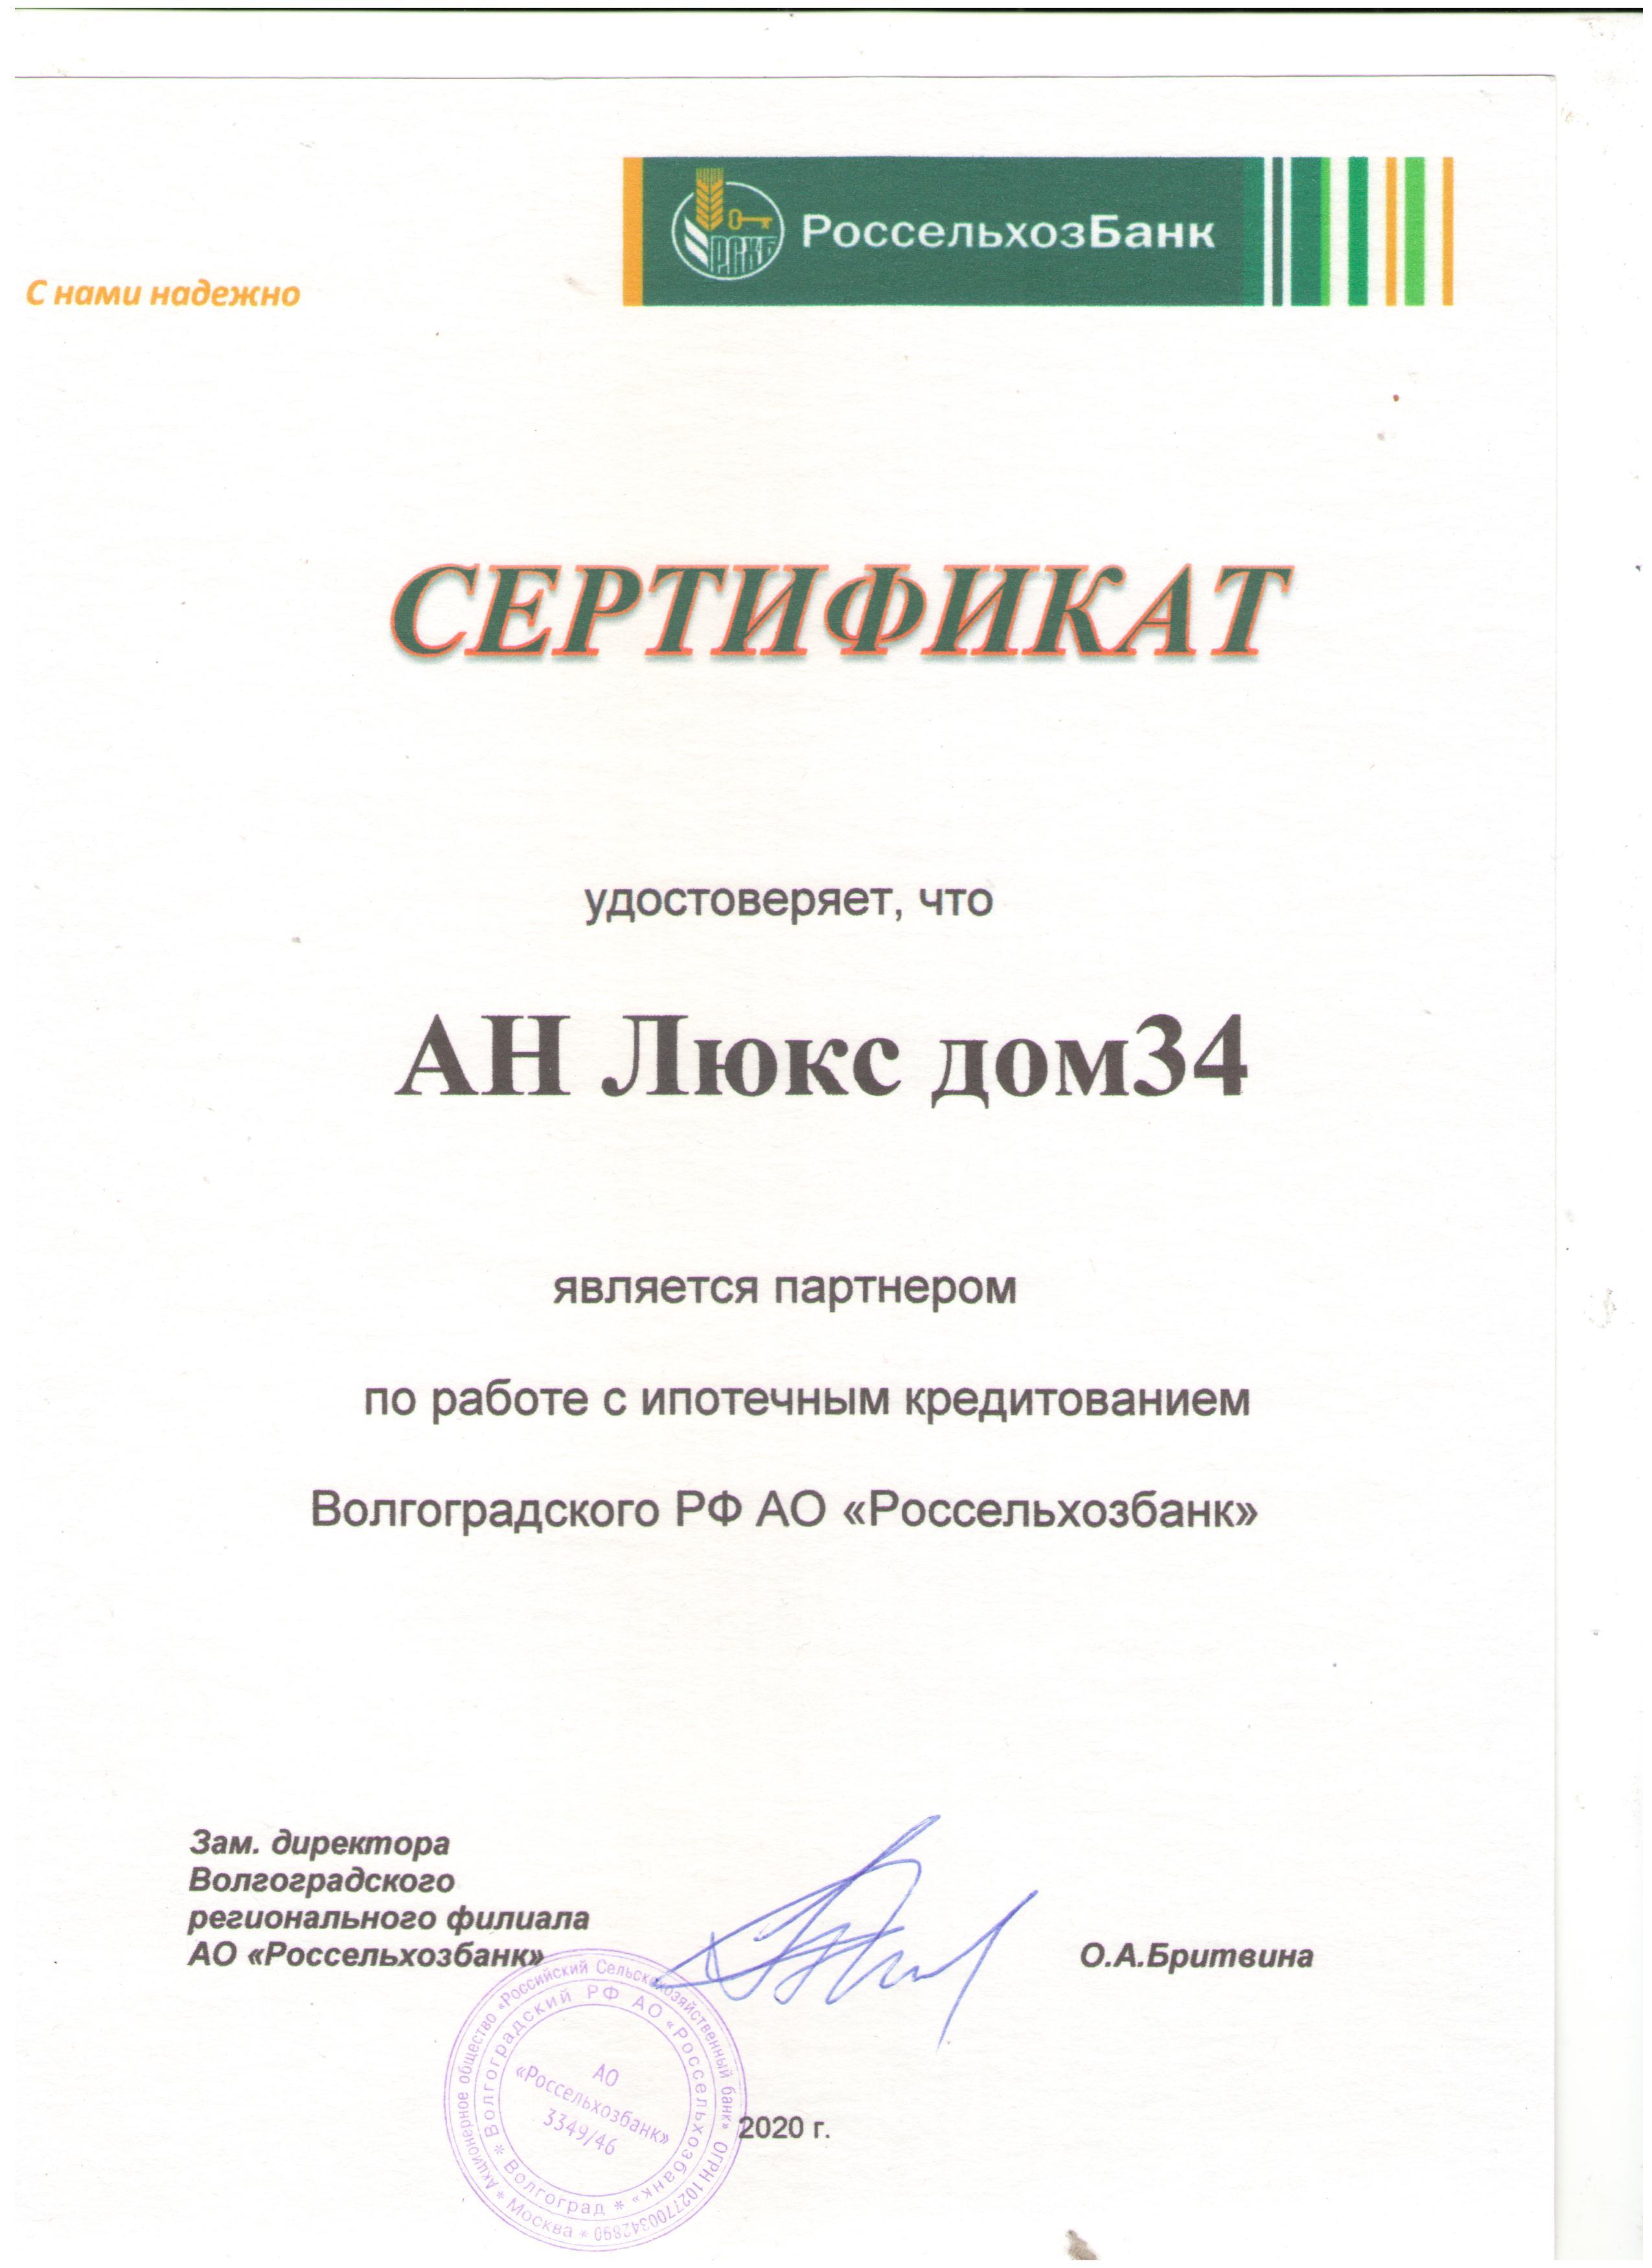 Партнер Россельхозбанк